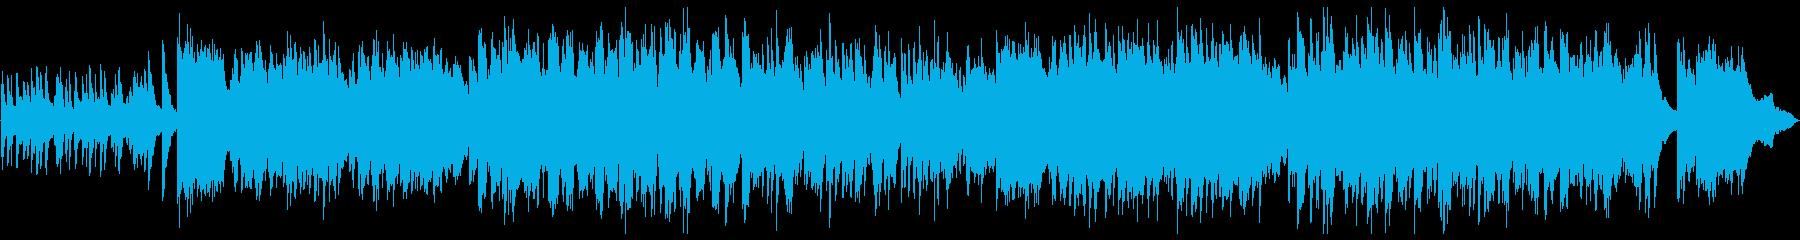 ピアノソロのノスタルジックなバラードの再生済みの波形